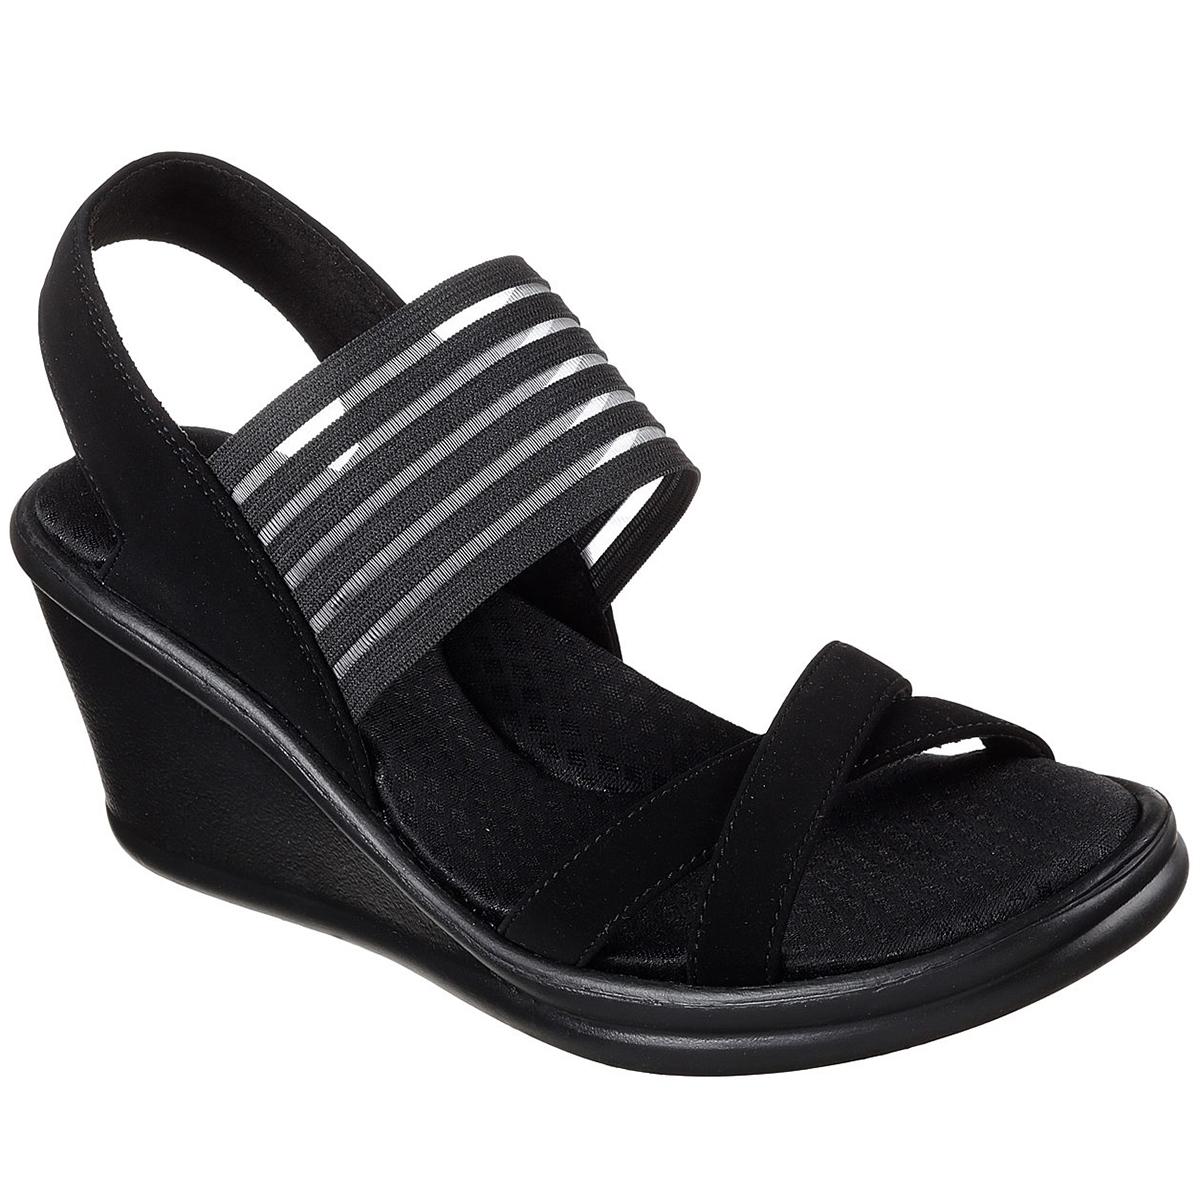 Skechers Women's Rumbler Solar Burst Sandal - Black, 7